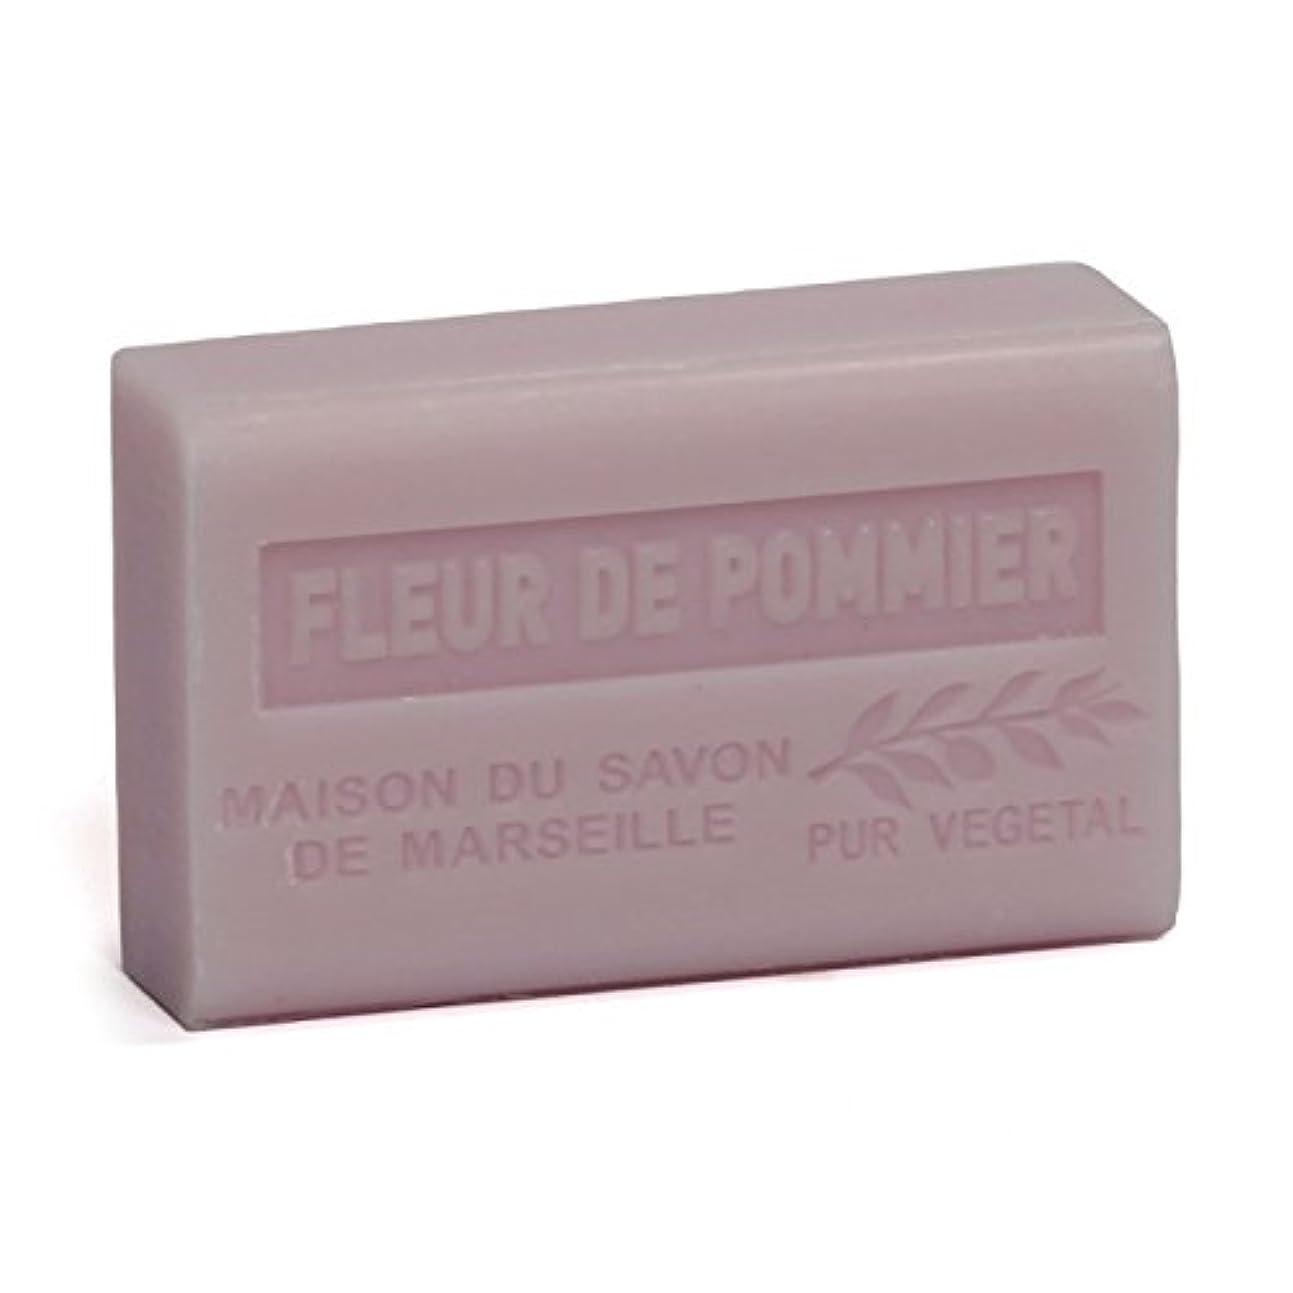 ビル厄介なメールを書くSavon de Marseille Soap Apple Blossom Shea Butter 125g